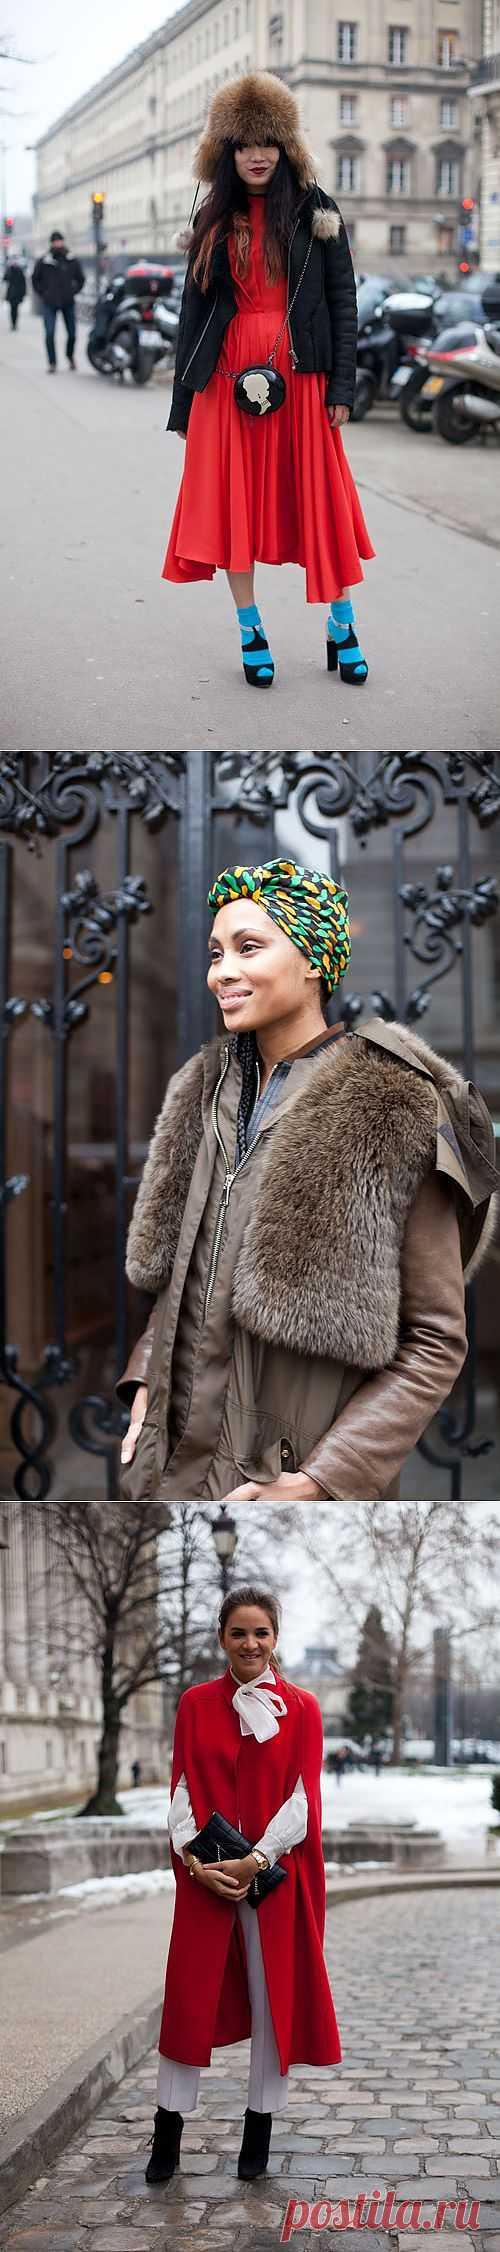 Street Style в заснеженом Париже (трафик) / Street Style / Модный сайт о стильной переделке одежды и интерьера